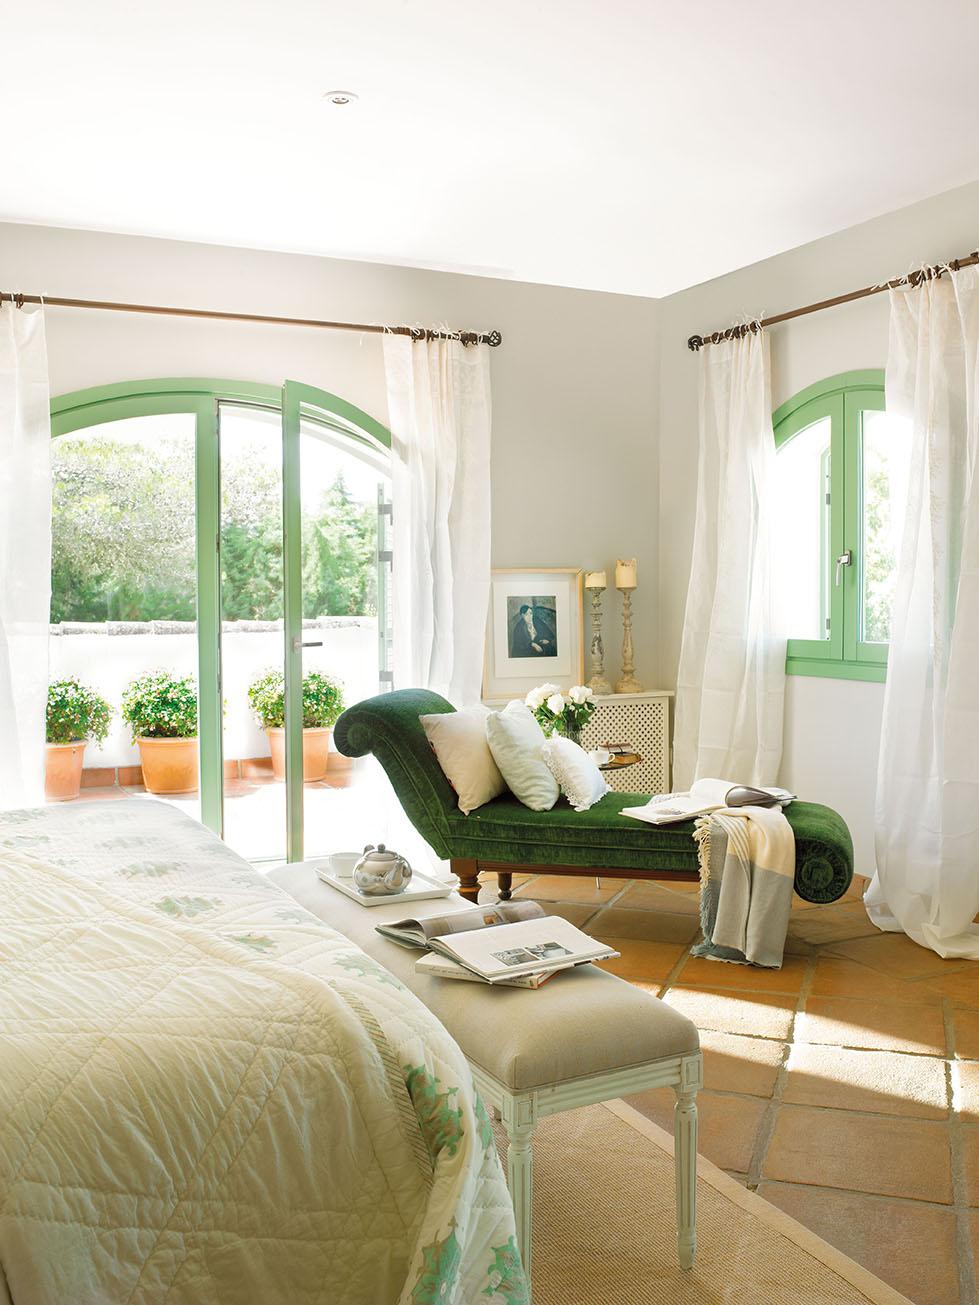 00324112. Chaise longue verde con cojines en blanco en un rincón del dormitorio_00324112